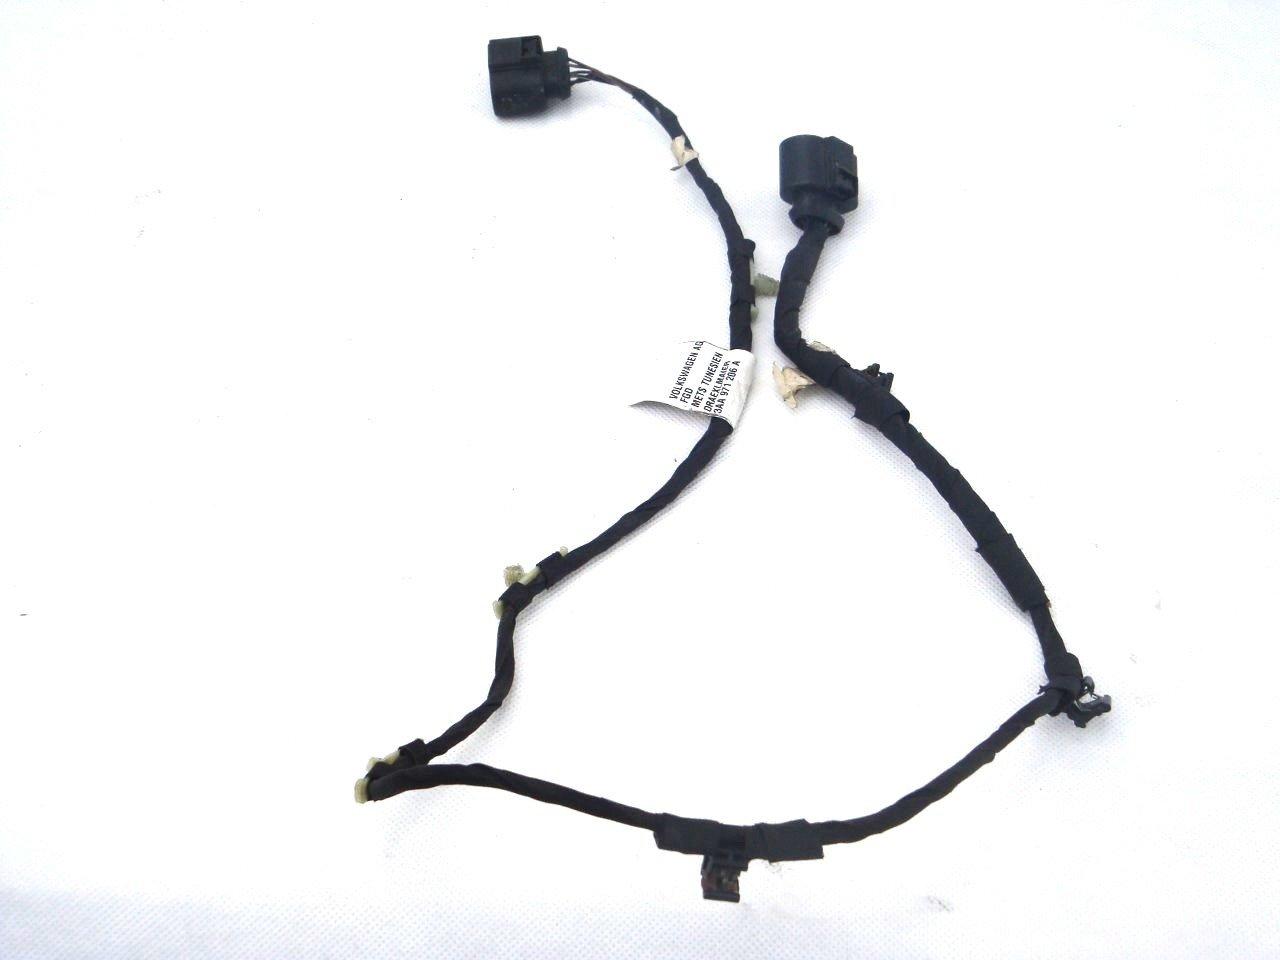 Set Wiring Loom Vw Passat B7 Cc 3aa971206a 9 Elektronik 971 Harness Phaeton